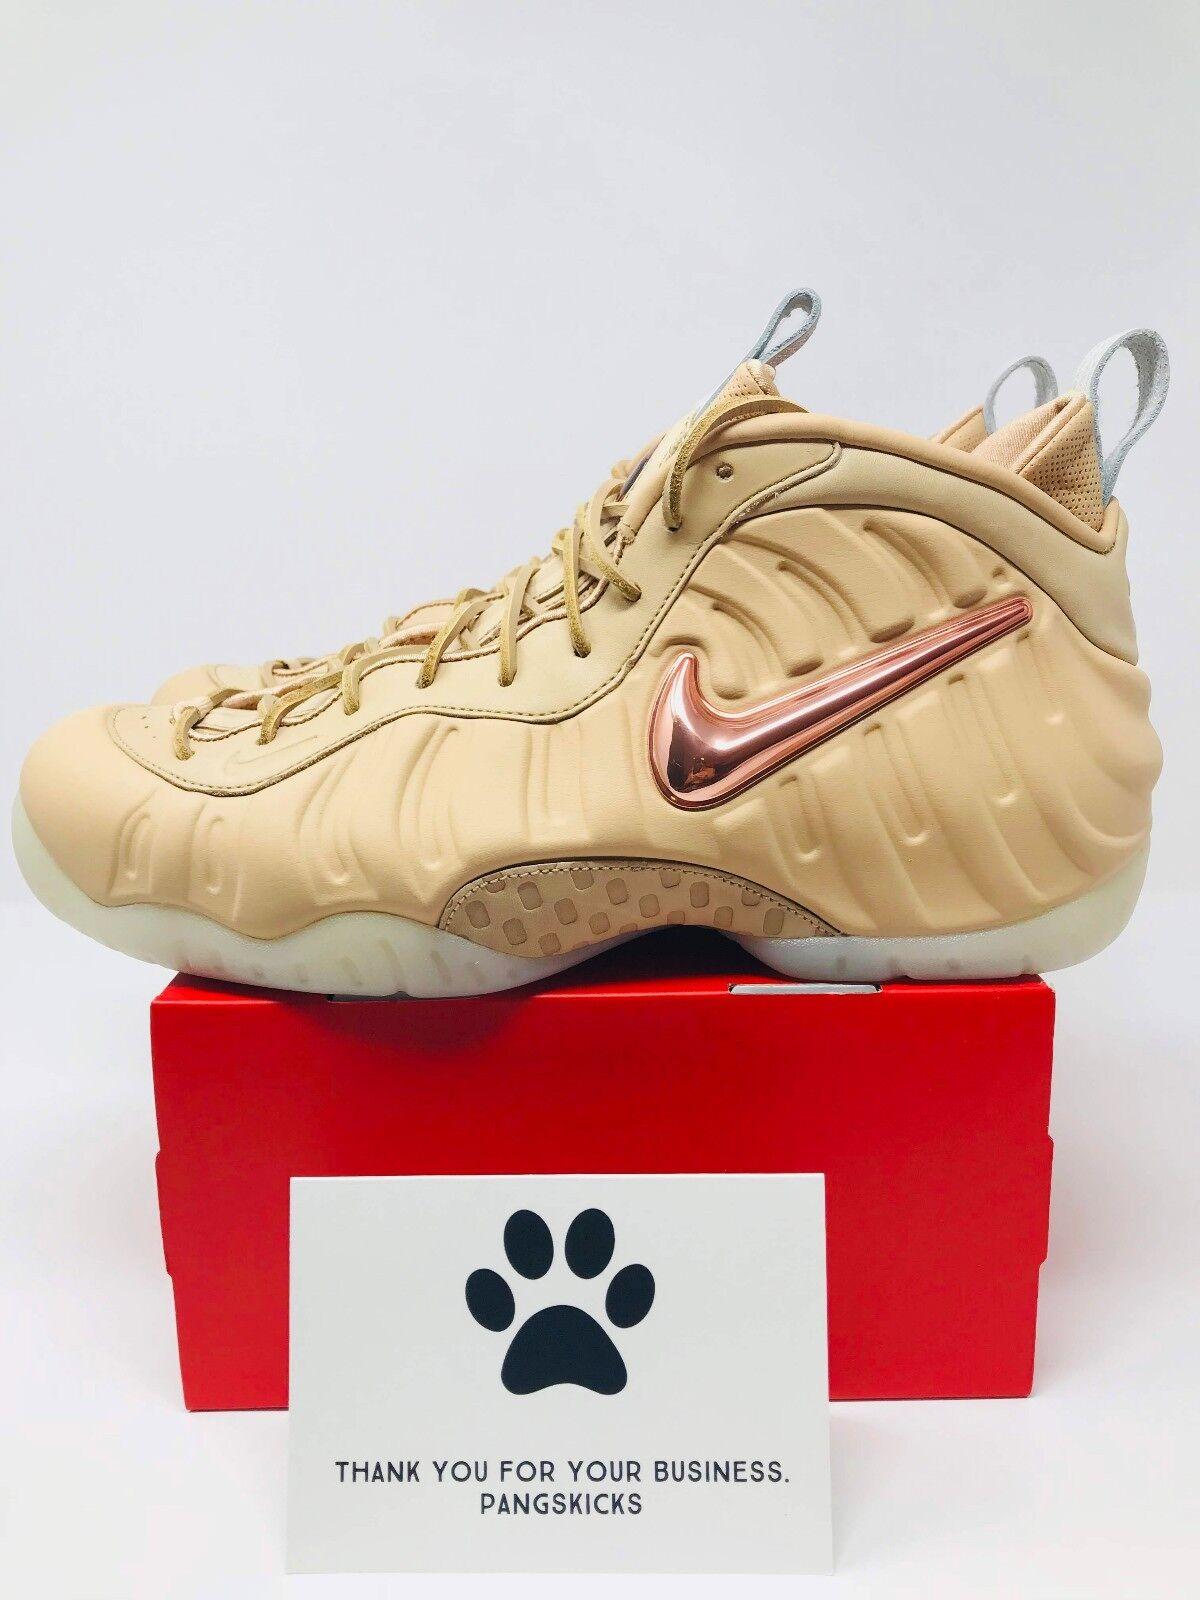 Nike Air Foamposite Pro Premium AS QS 'Vachetta Tan' 920377-200 Size 11.5